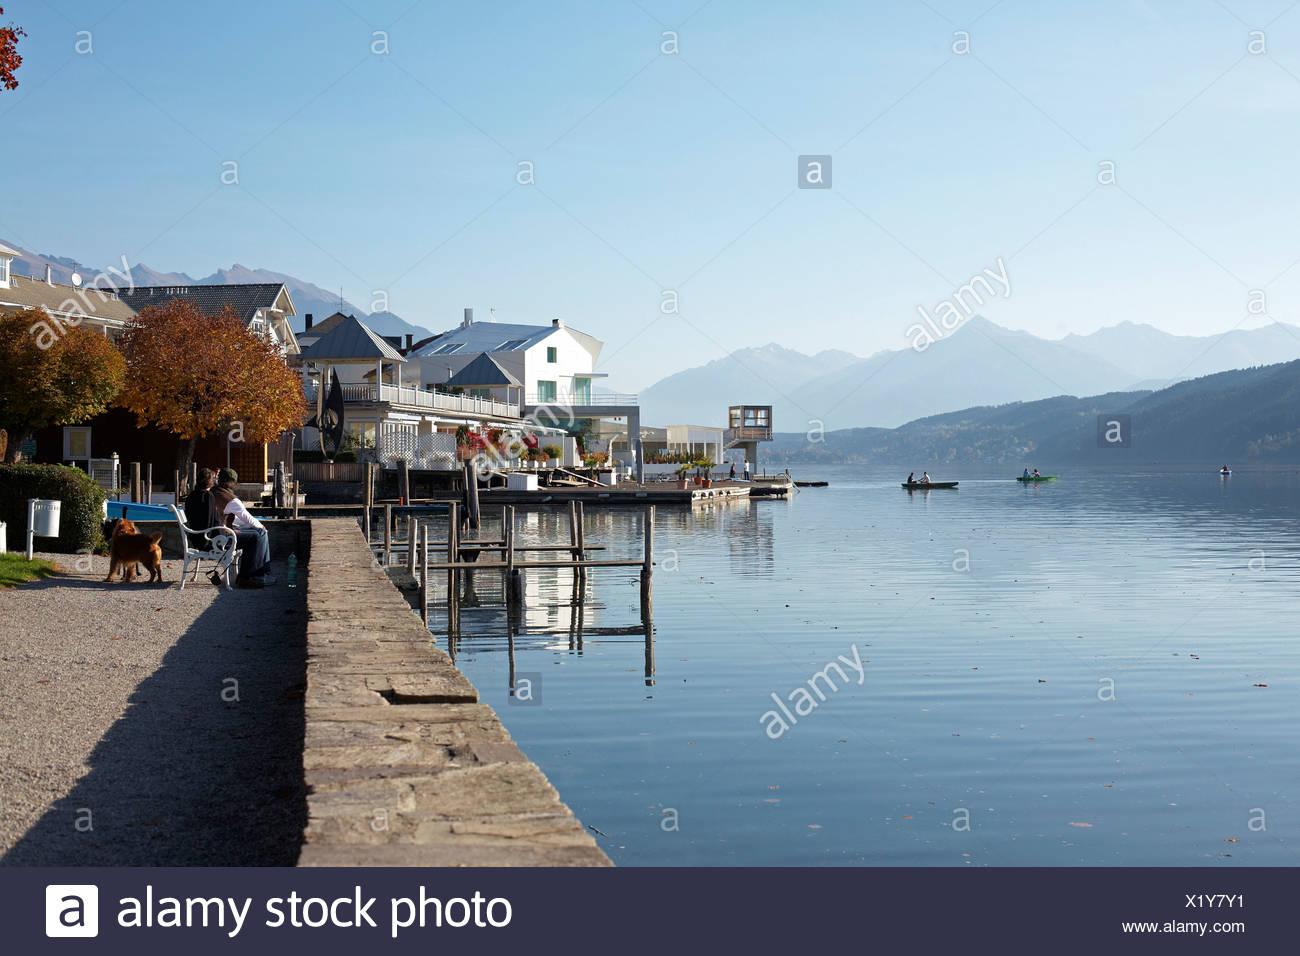 Autumn day in Millstatt on Millstaetter See, Lake Millstatt, Carinthia, Austria, Europe - Stock Image